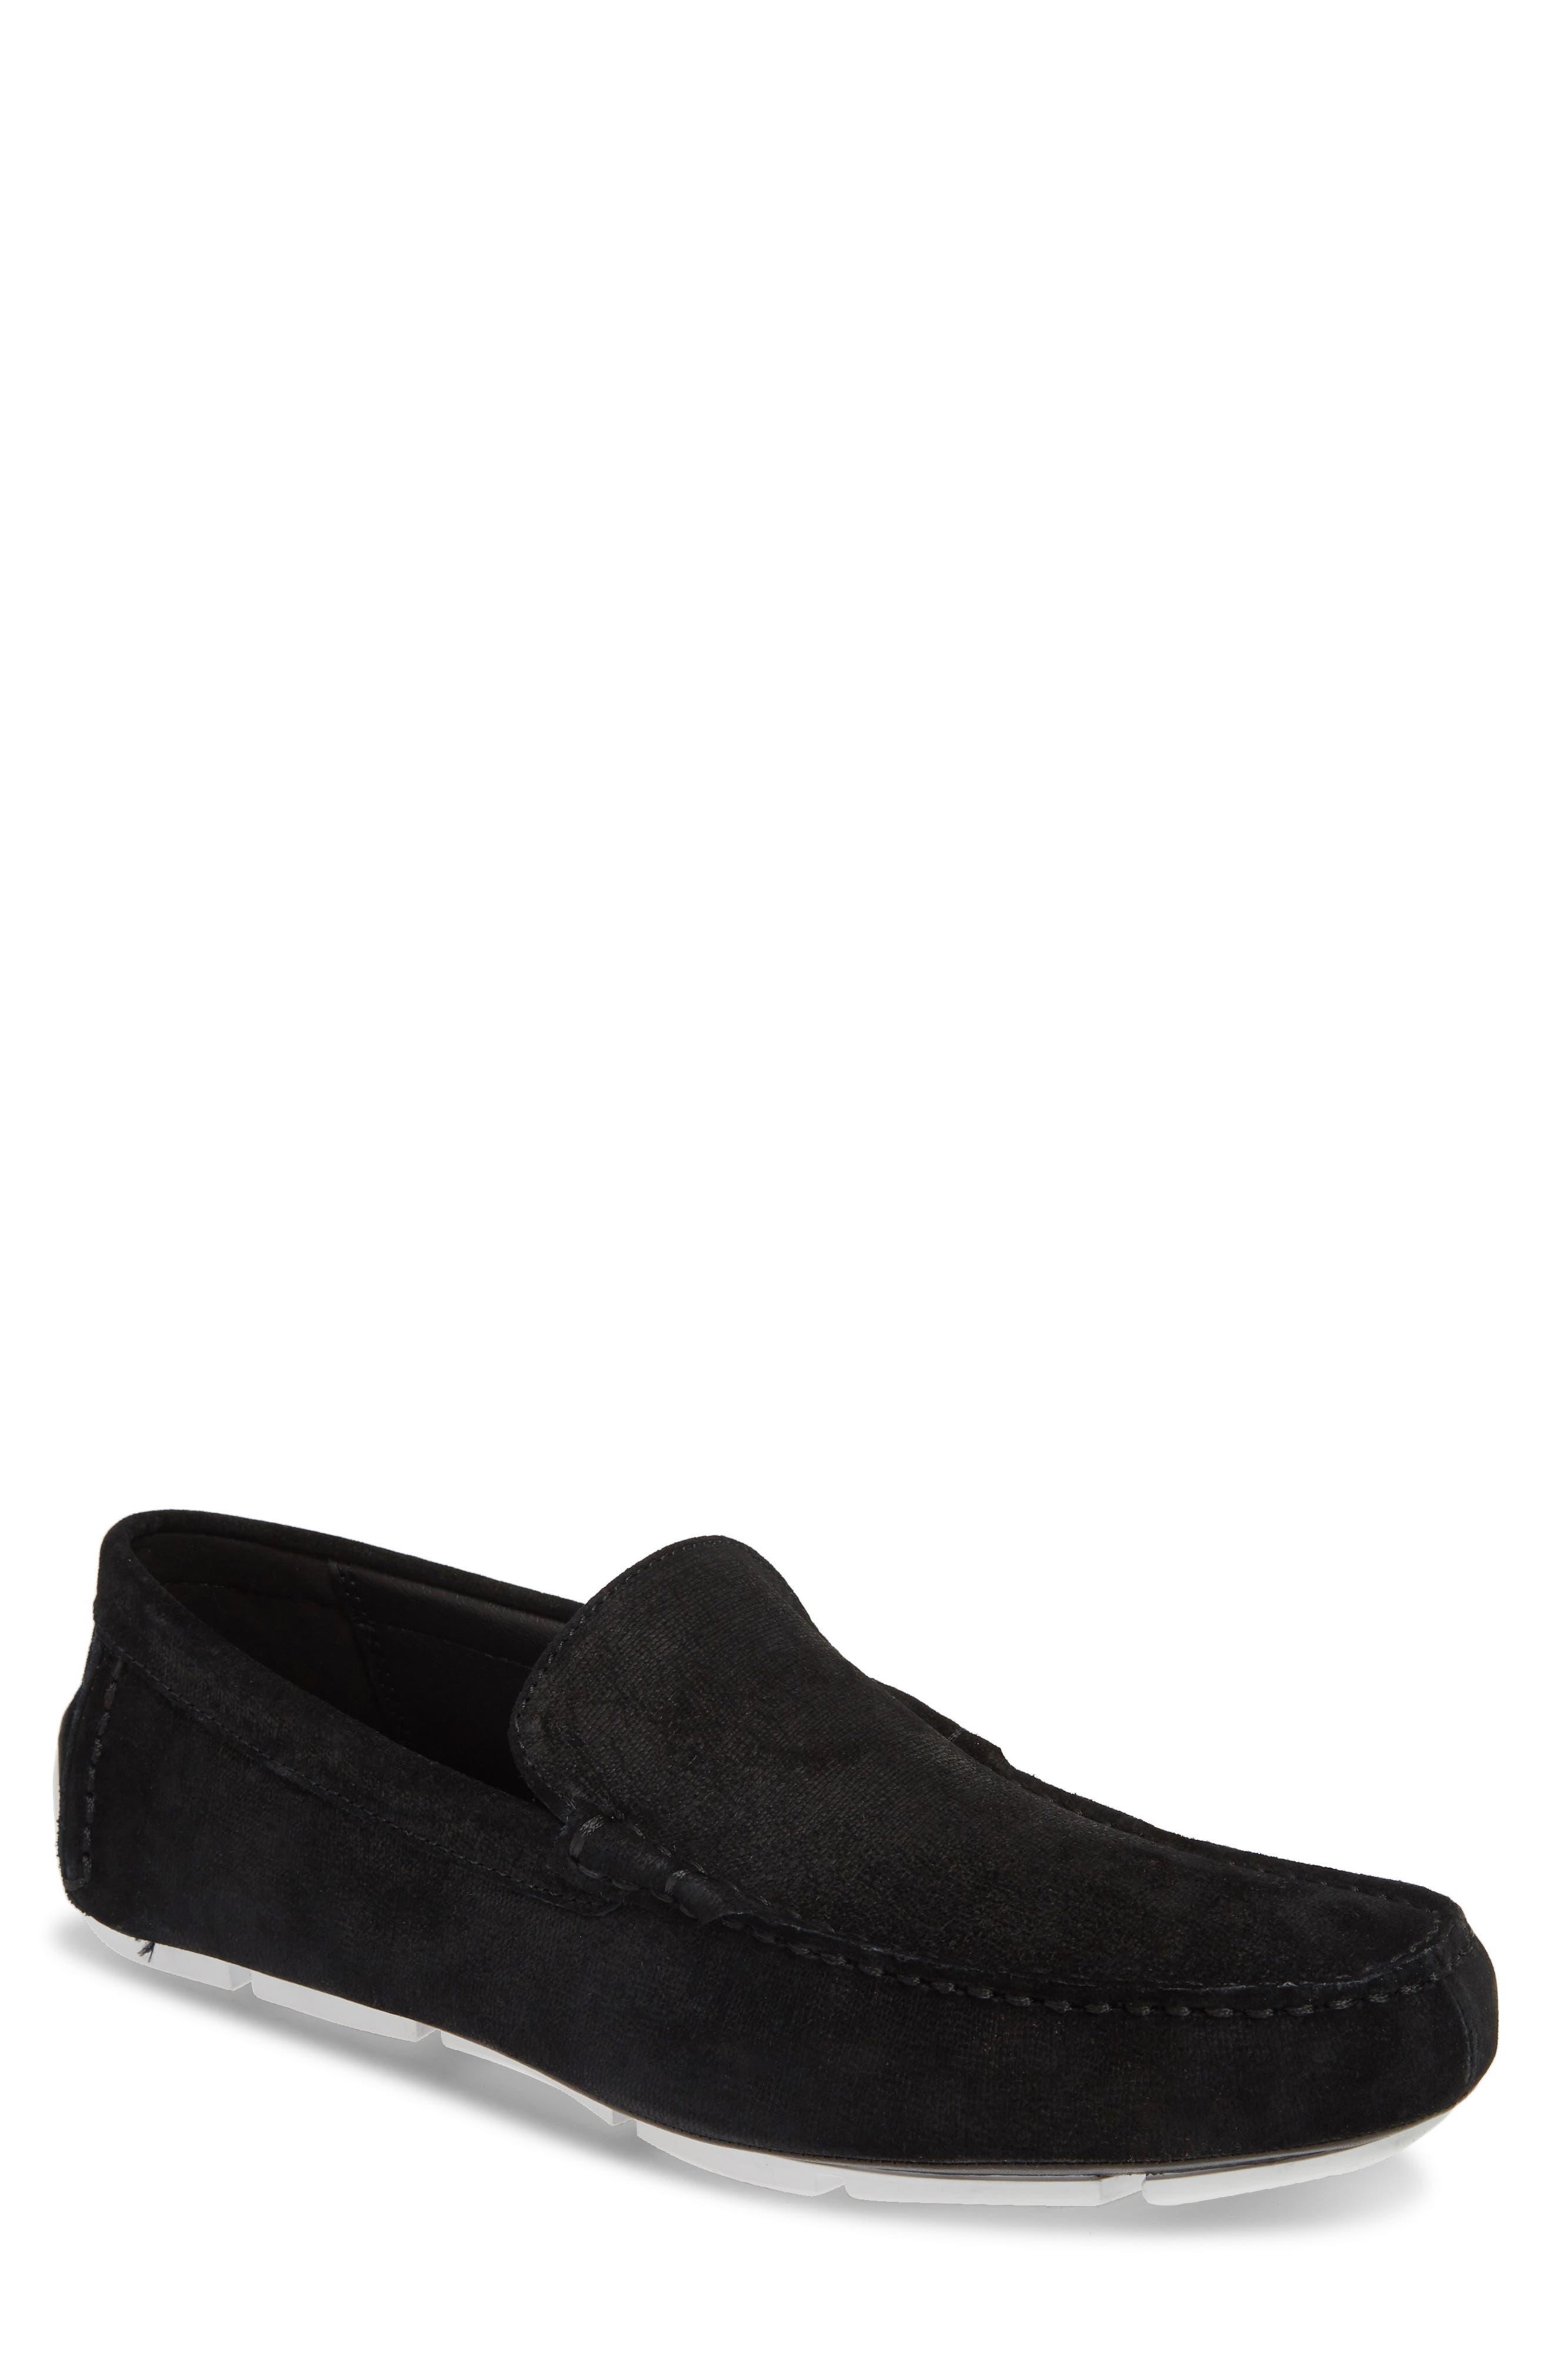 Calvin Klein Kaleb Driving Loafer- Black